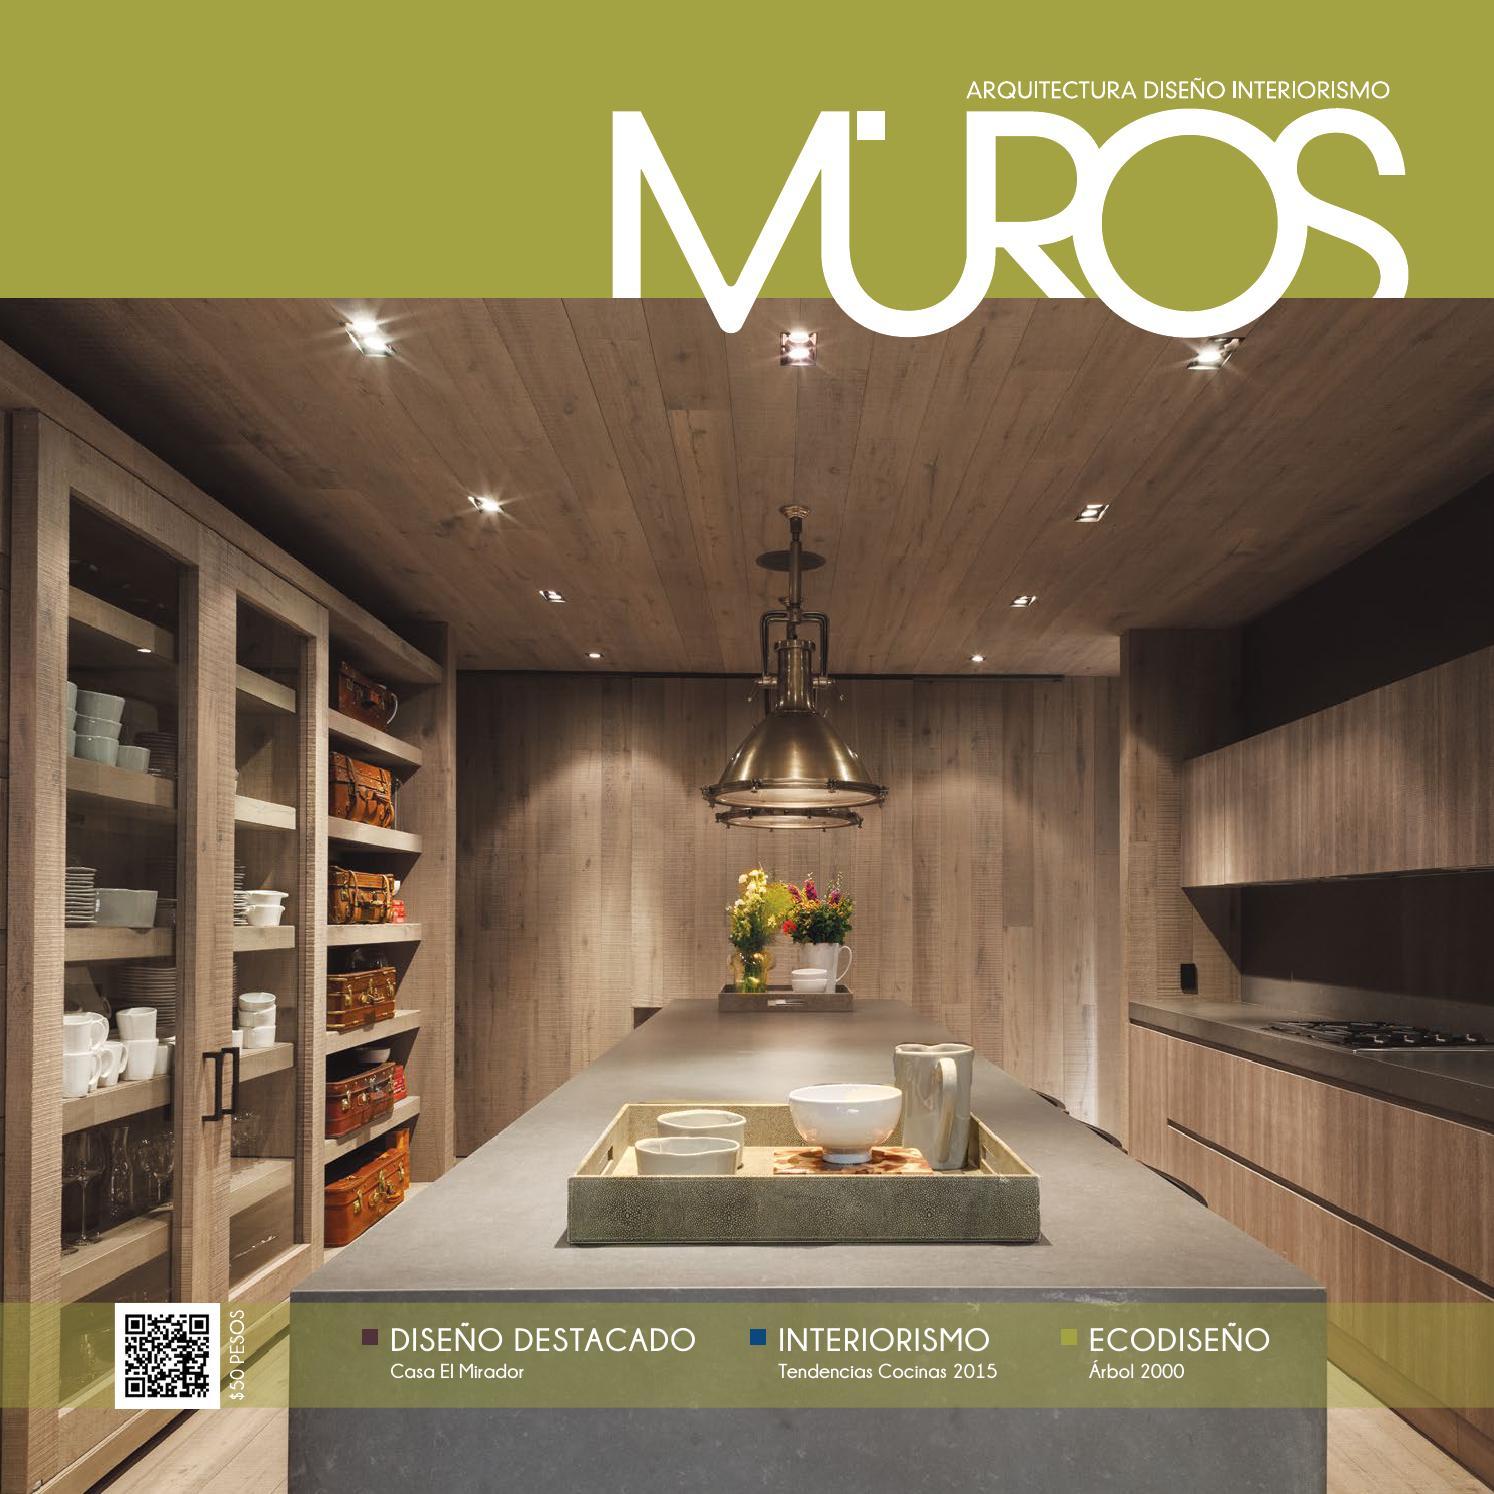 Edici n 15 revista muros arquitectura dise o for Revista habitat arquitectura diseno interiorismo